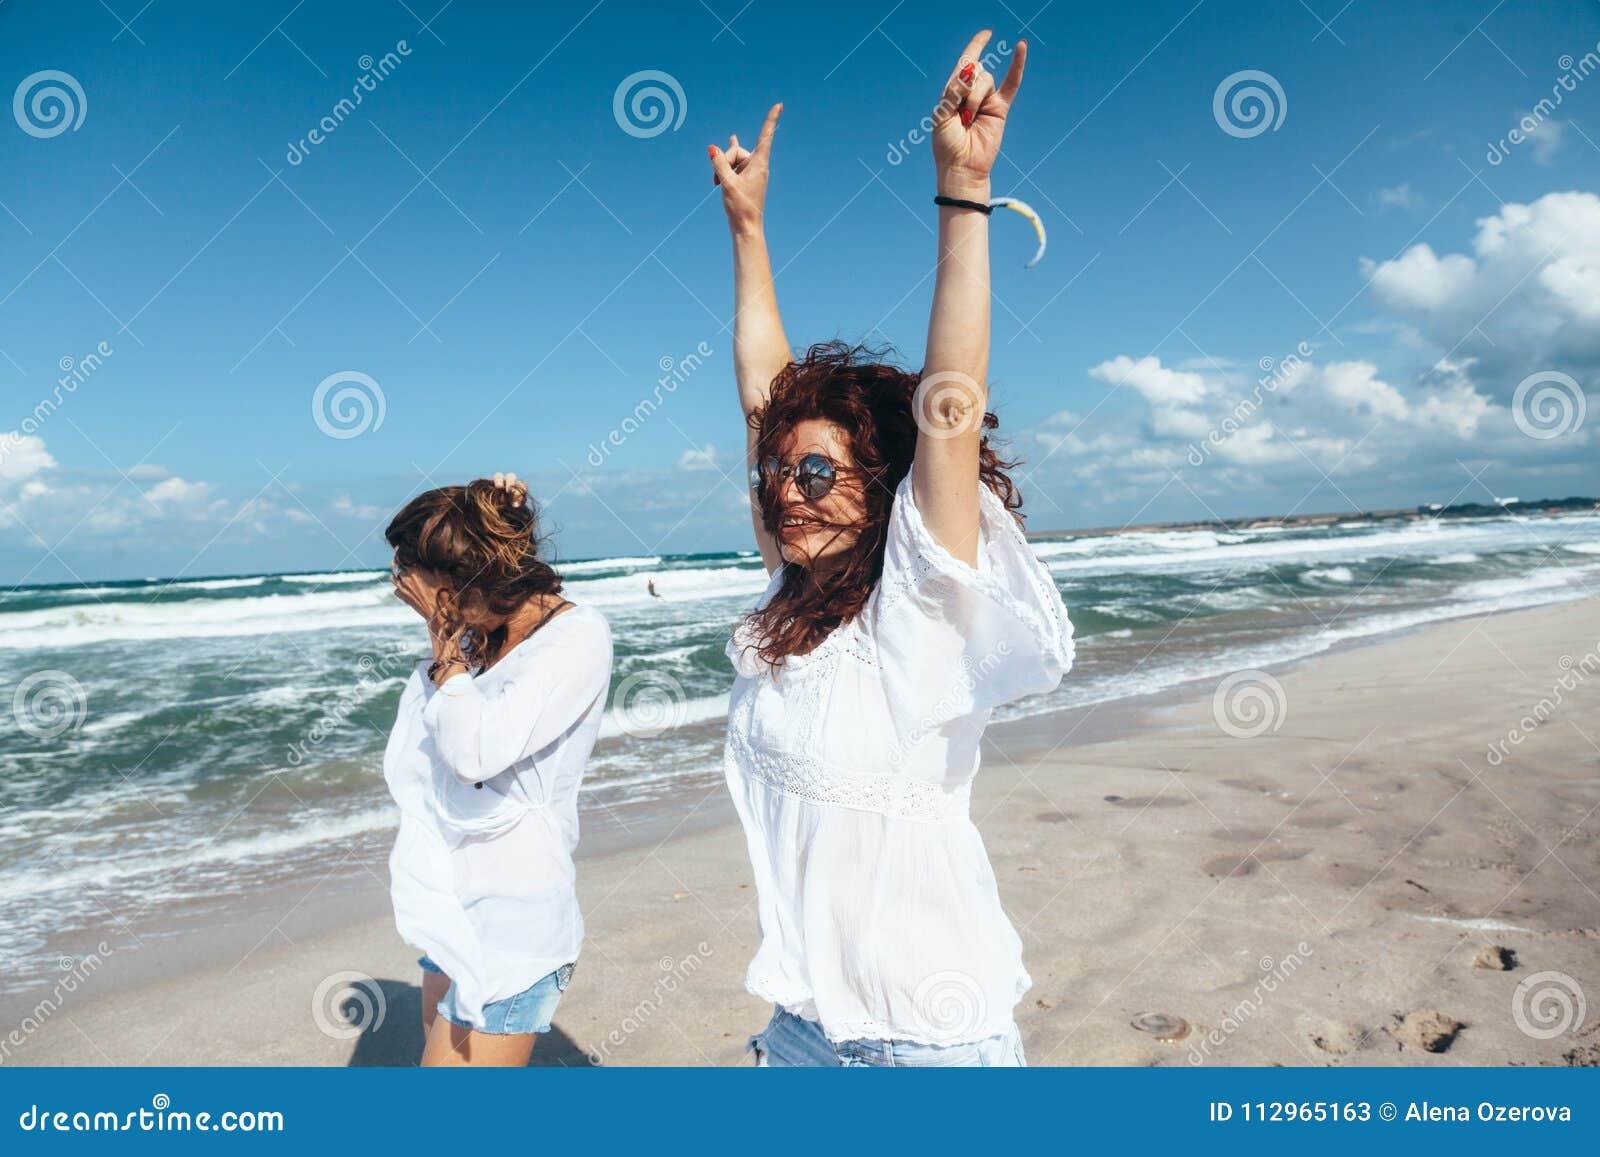 Dwa przyjaciela chodzi na plaży